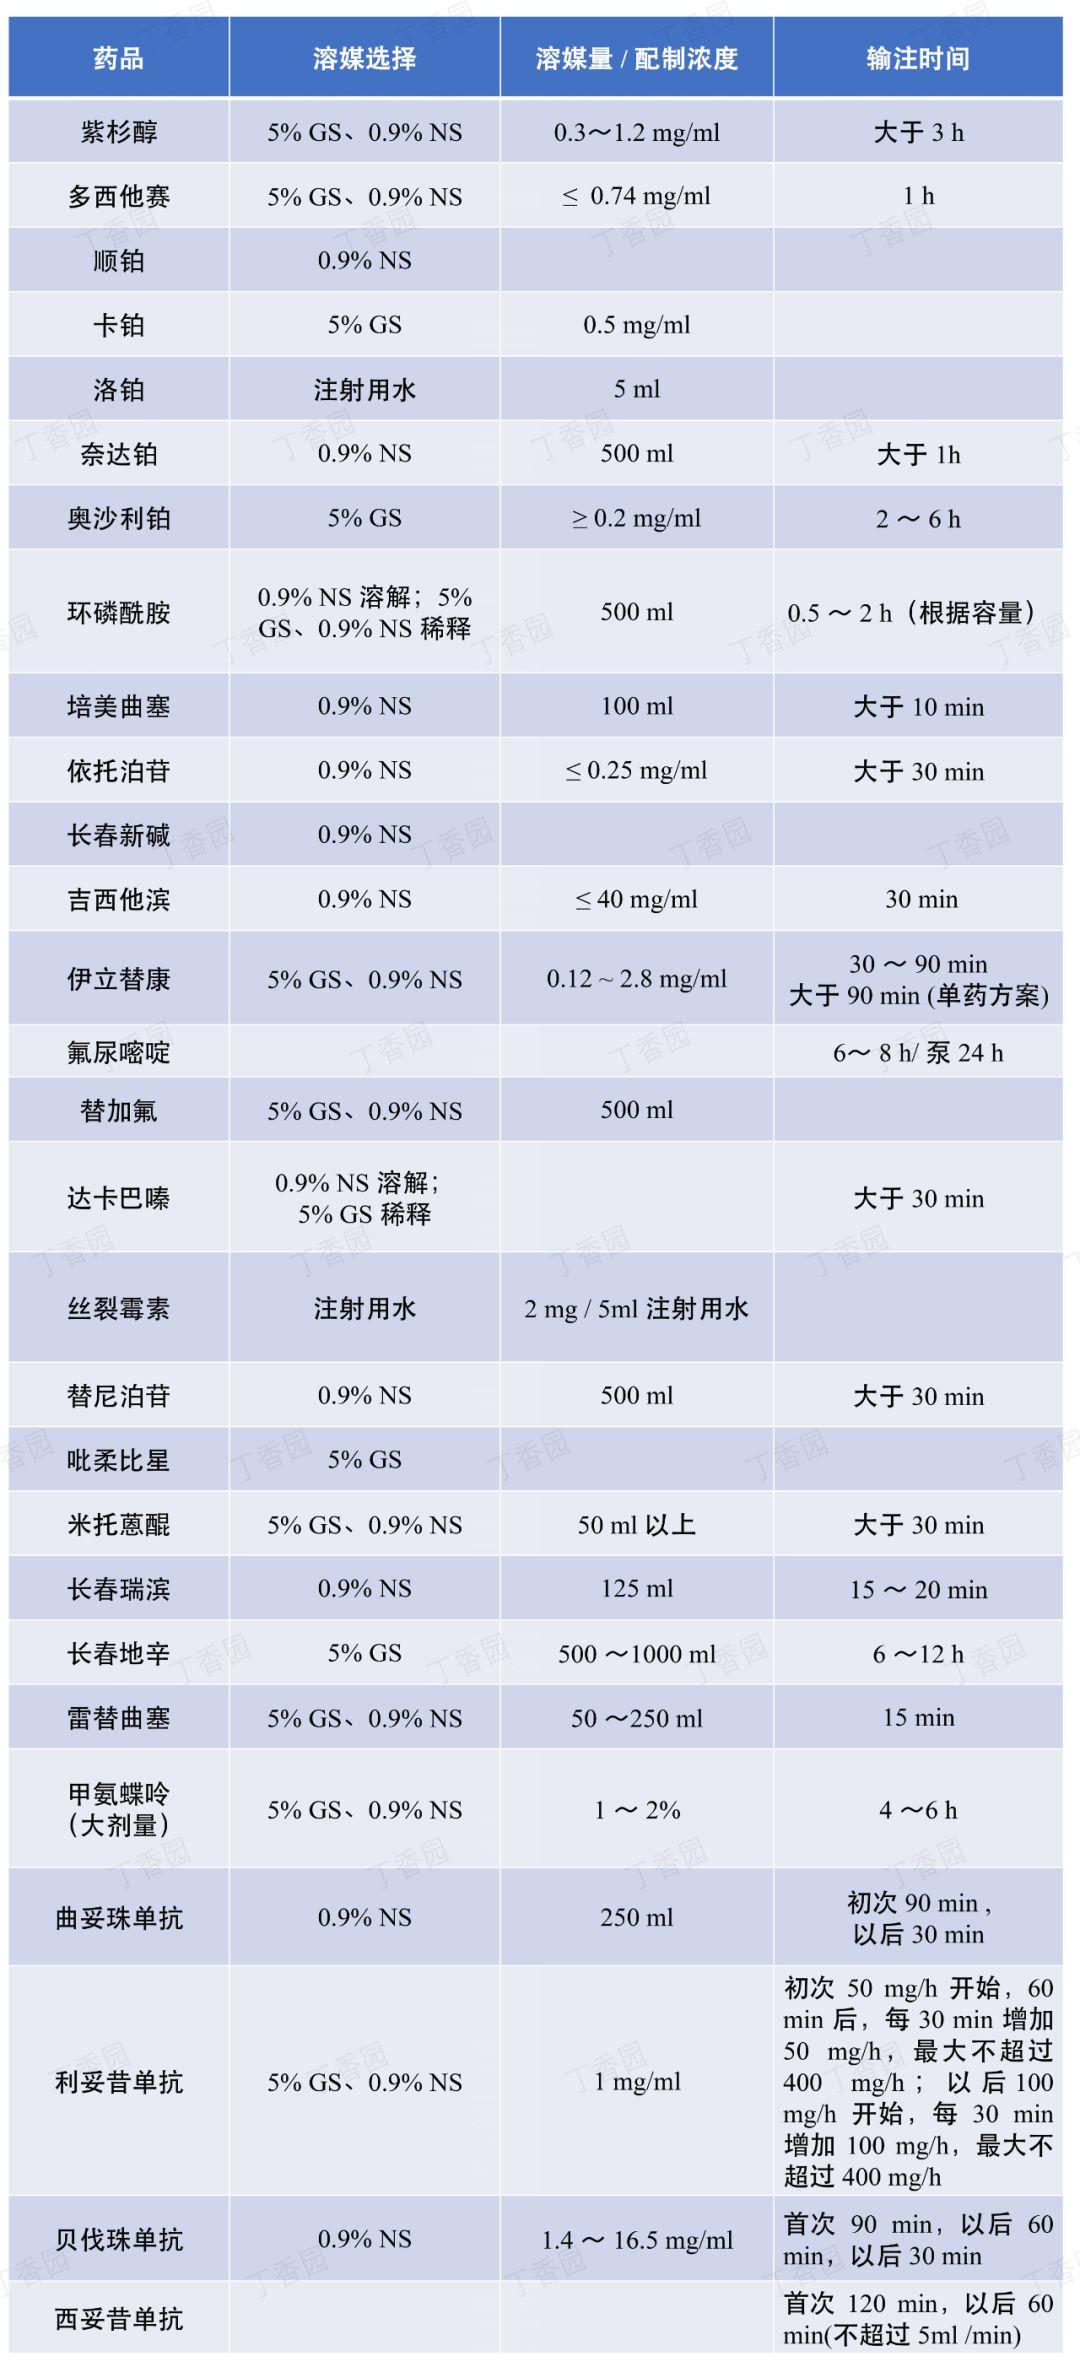 一表总结_28 种常用化疗药的溶媒和输注时间 生活头条 第1张